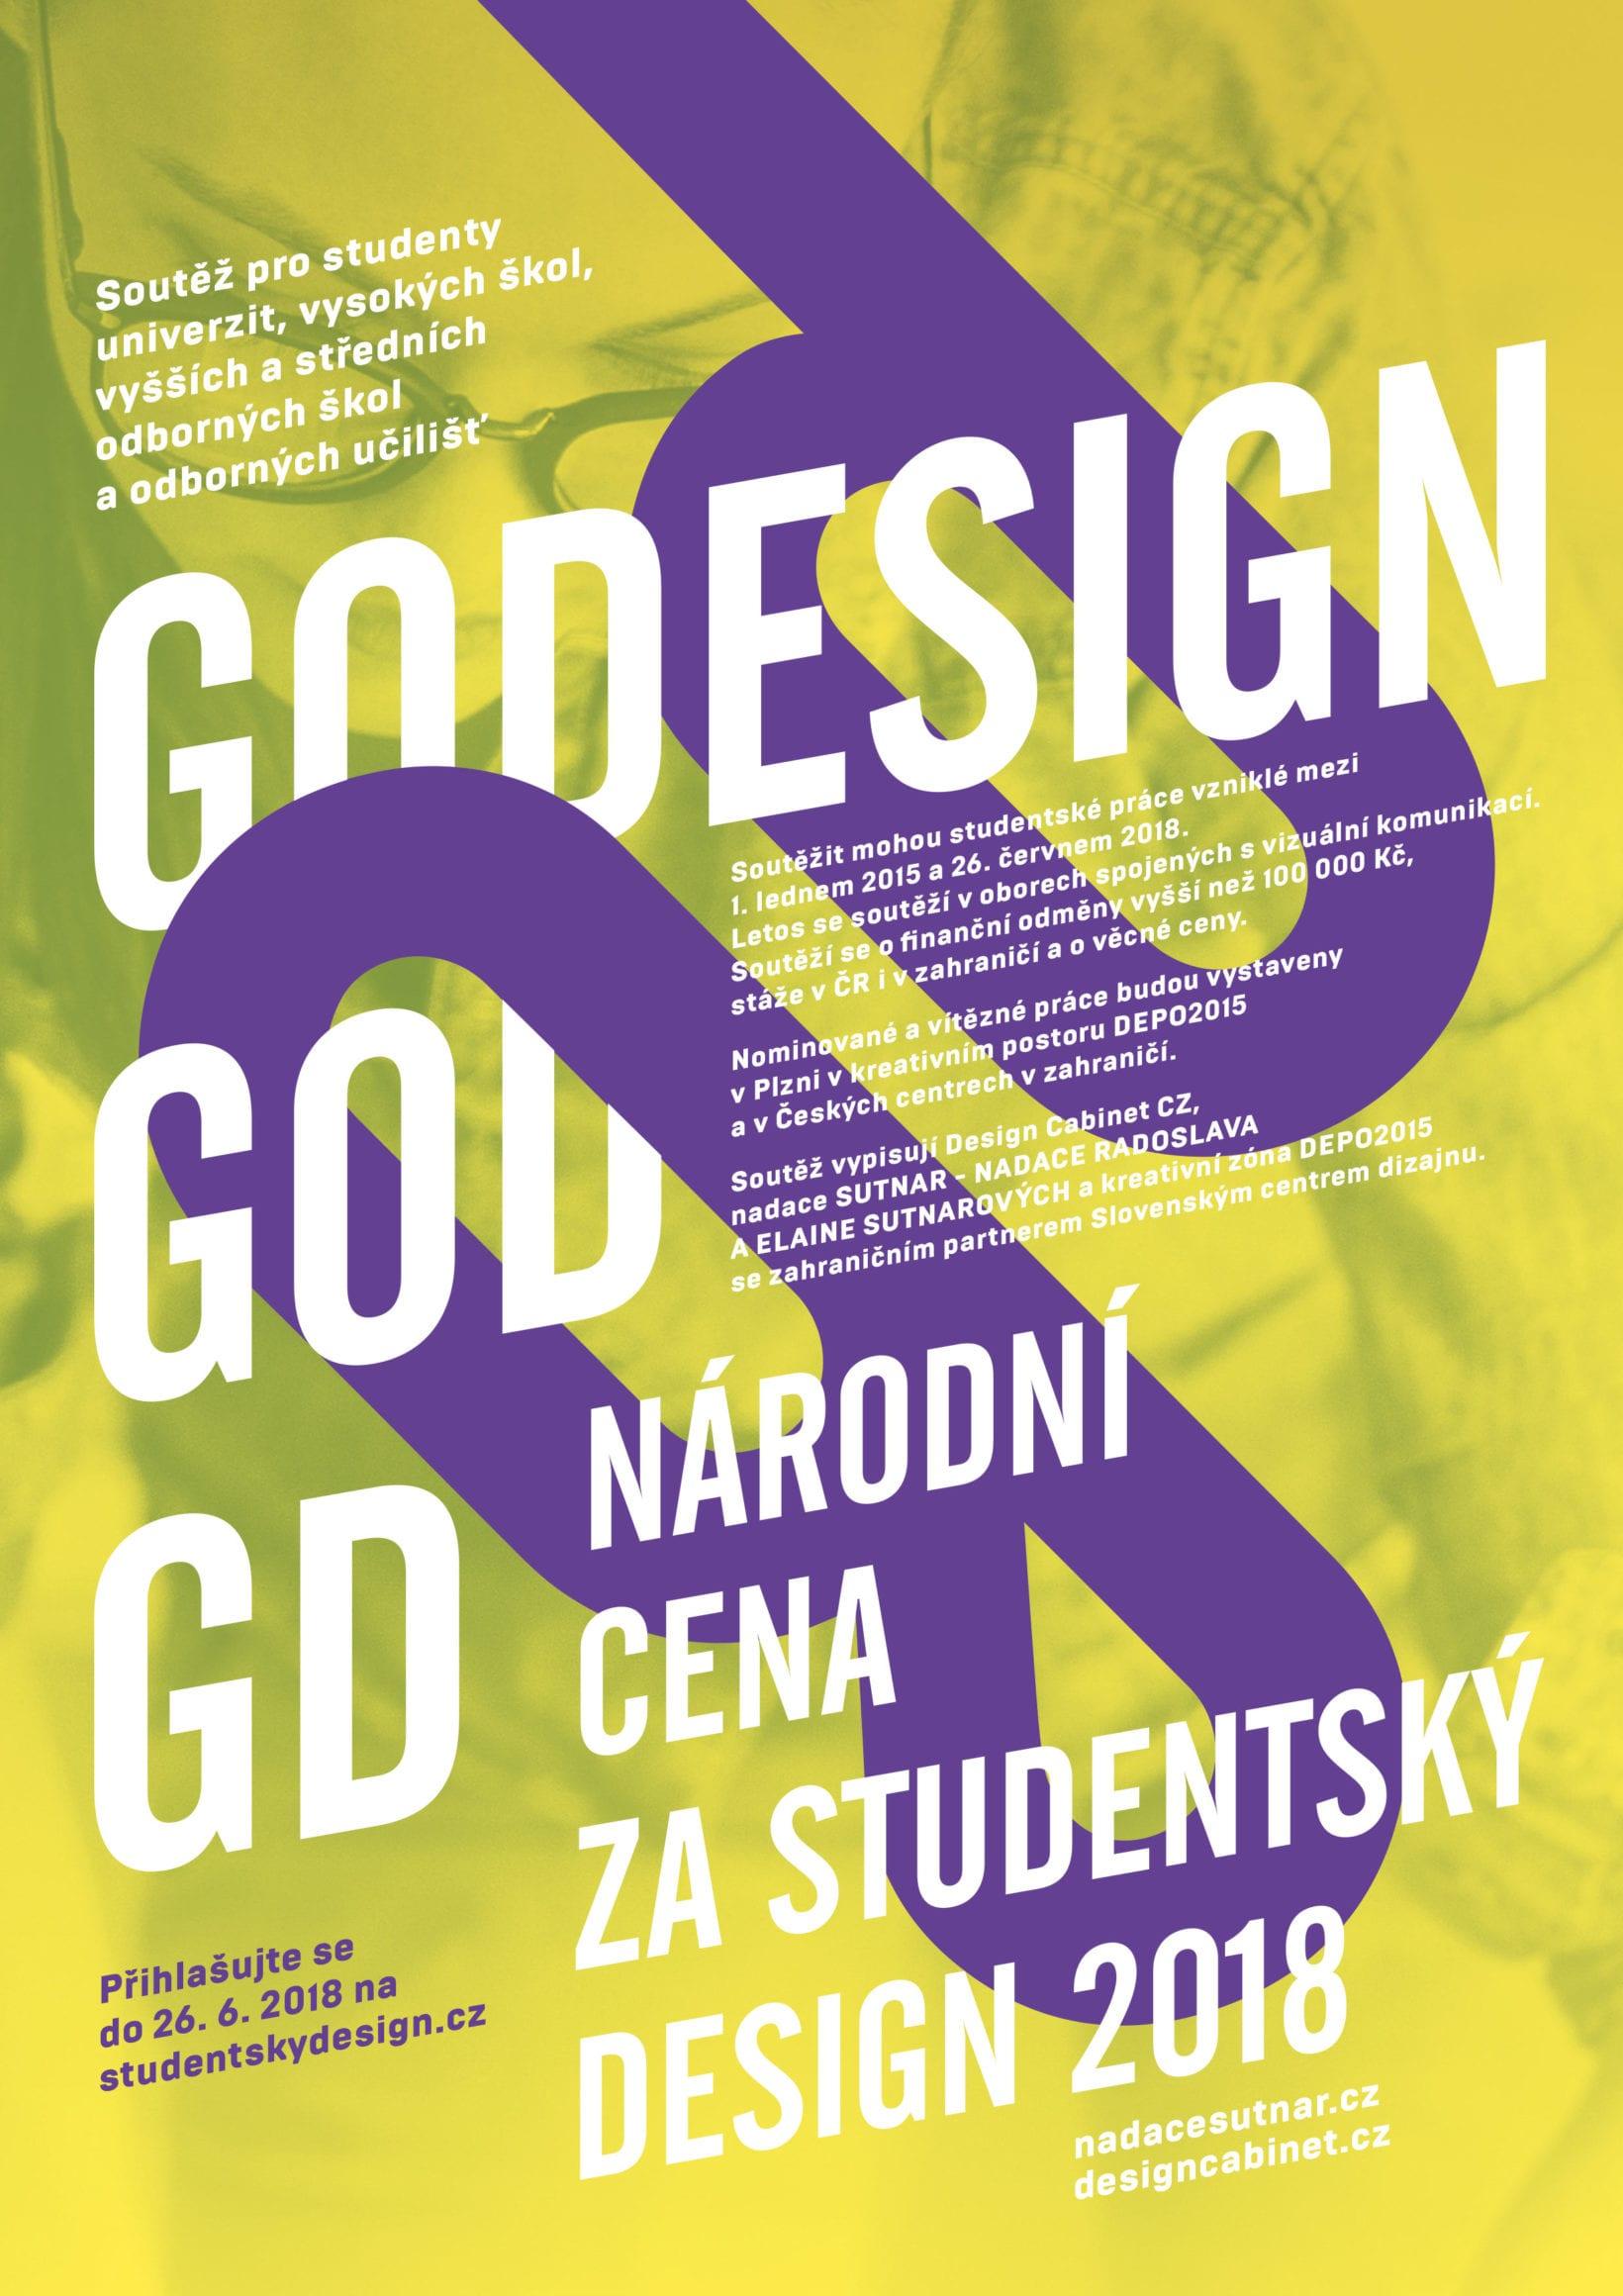 NCSD 2018 VÝZVA - Národní cenu za studentský design 2018